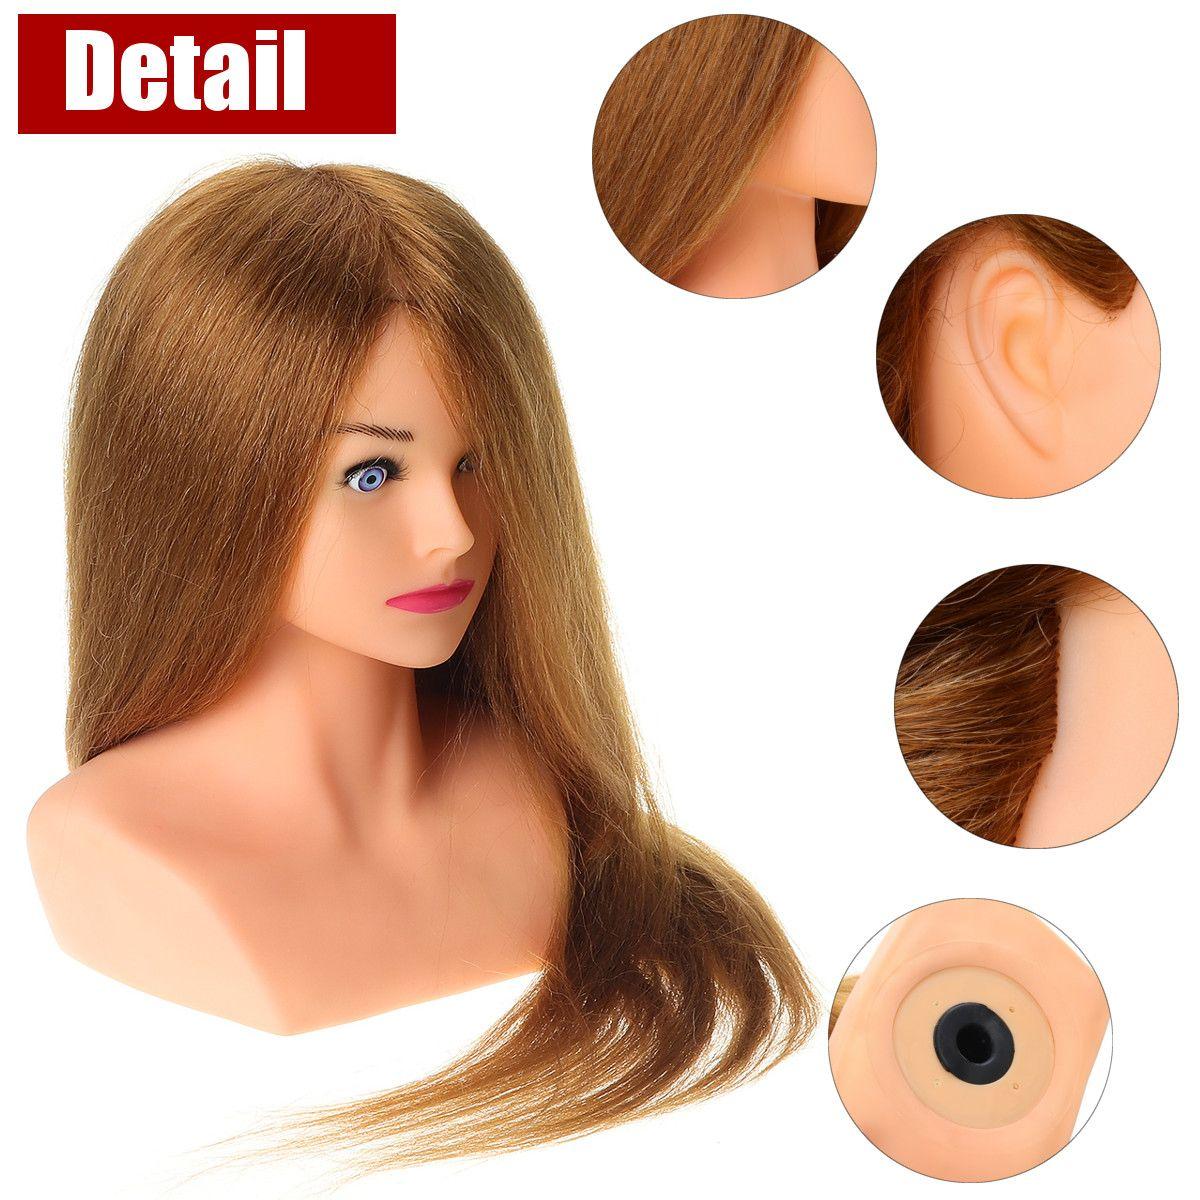 Tête de Mannequin de coiffure avec 100% cheveux humains naturels pour coiffures coiffeurs Curling pratique tête d'entraînement 24 pouces